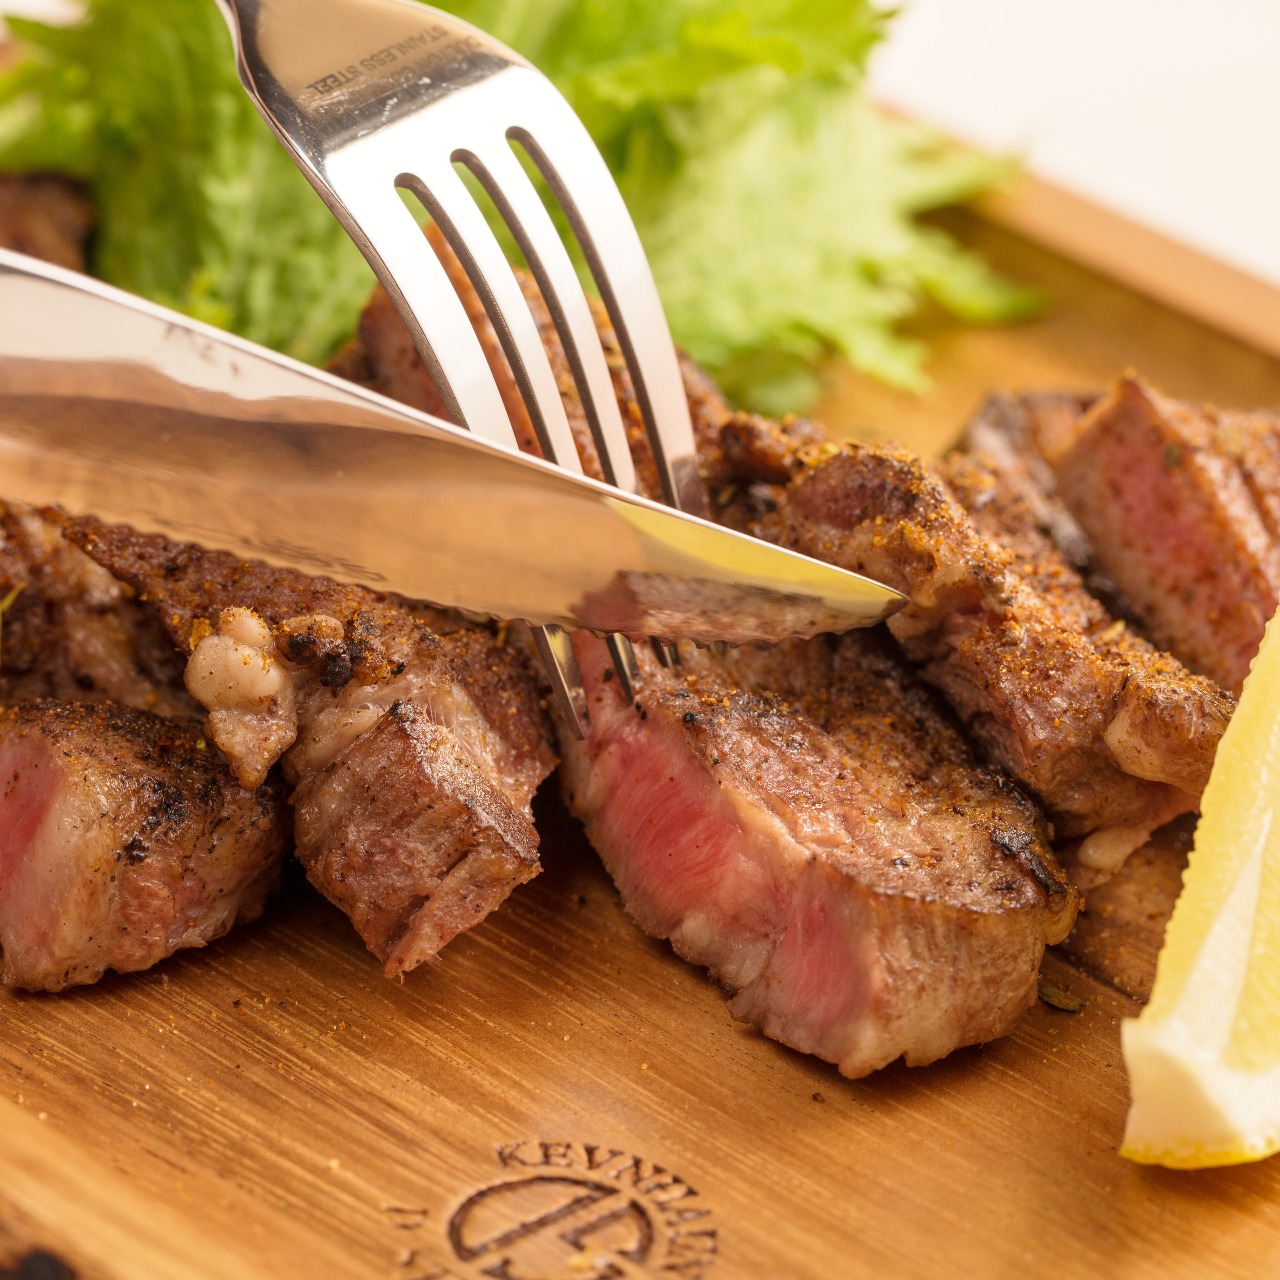 タンドールで焼き上げる豪快肉料理